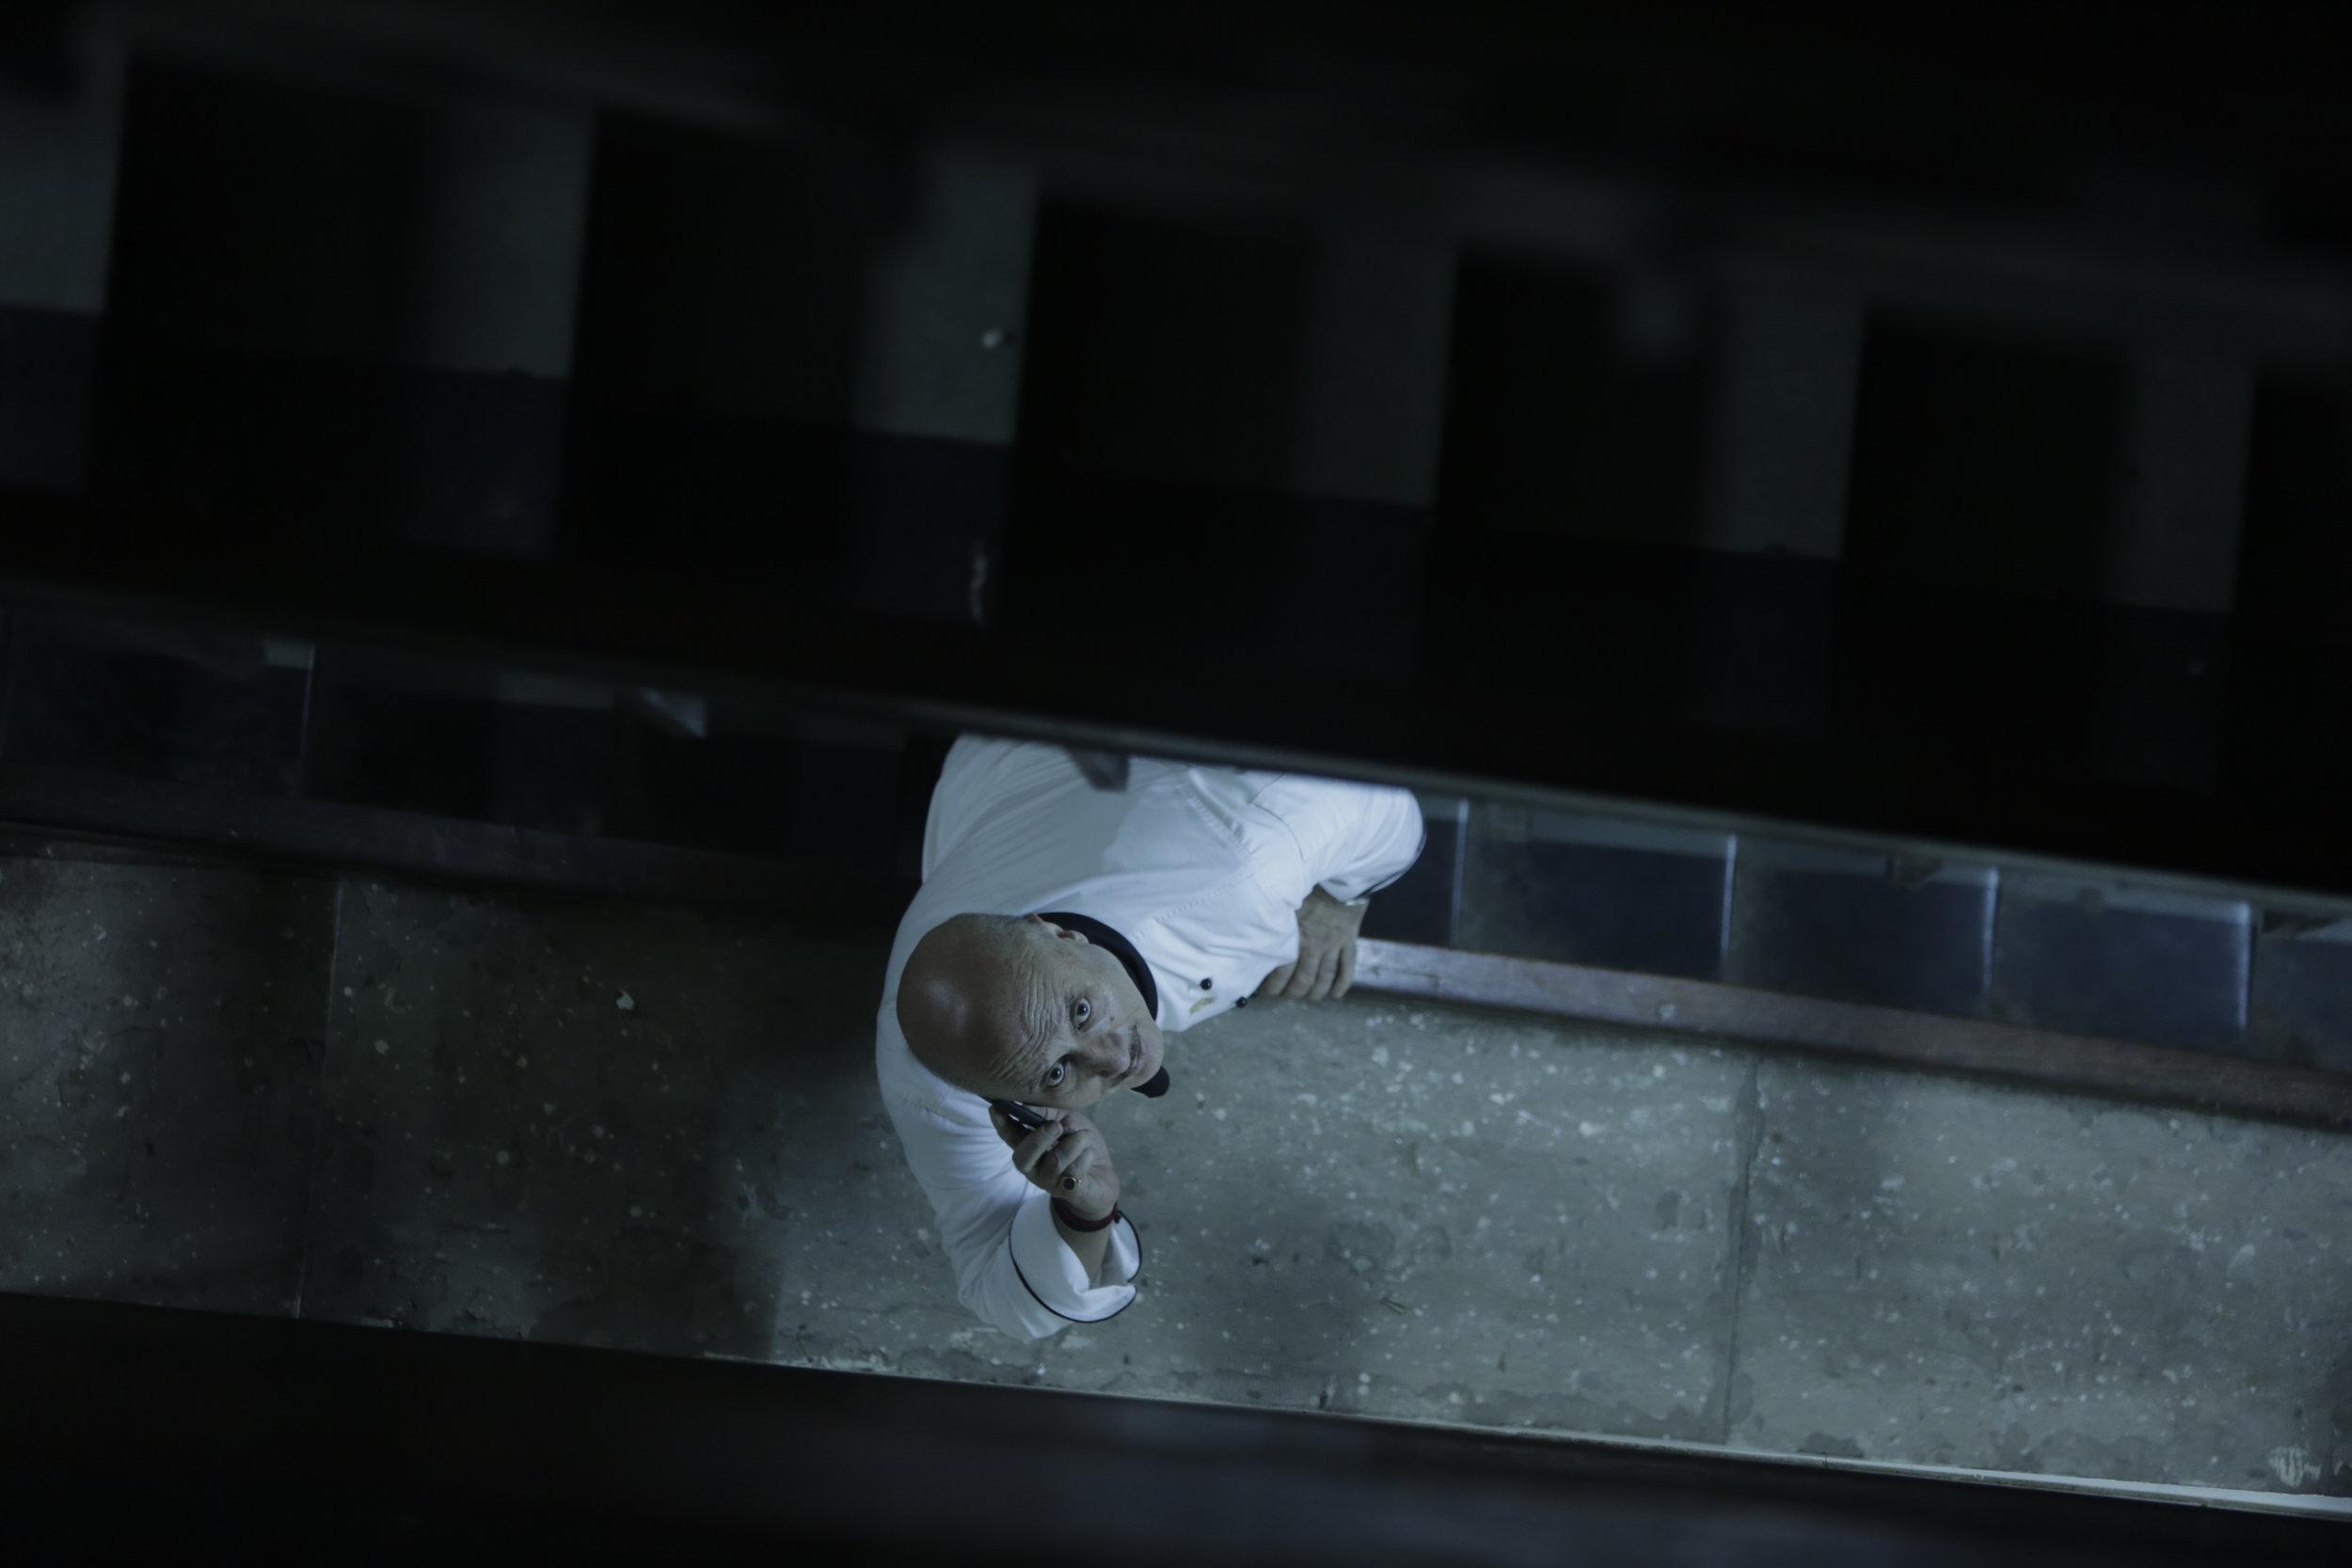 Sjefskokken Hemant Oberoi (Anupam Kher) gjør en heltemodig innsats for å berge hotellgjester og ansatte.